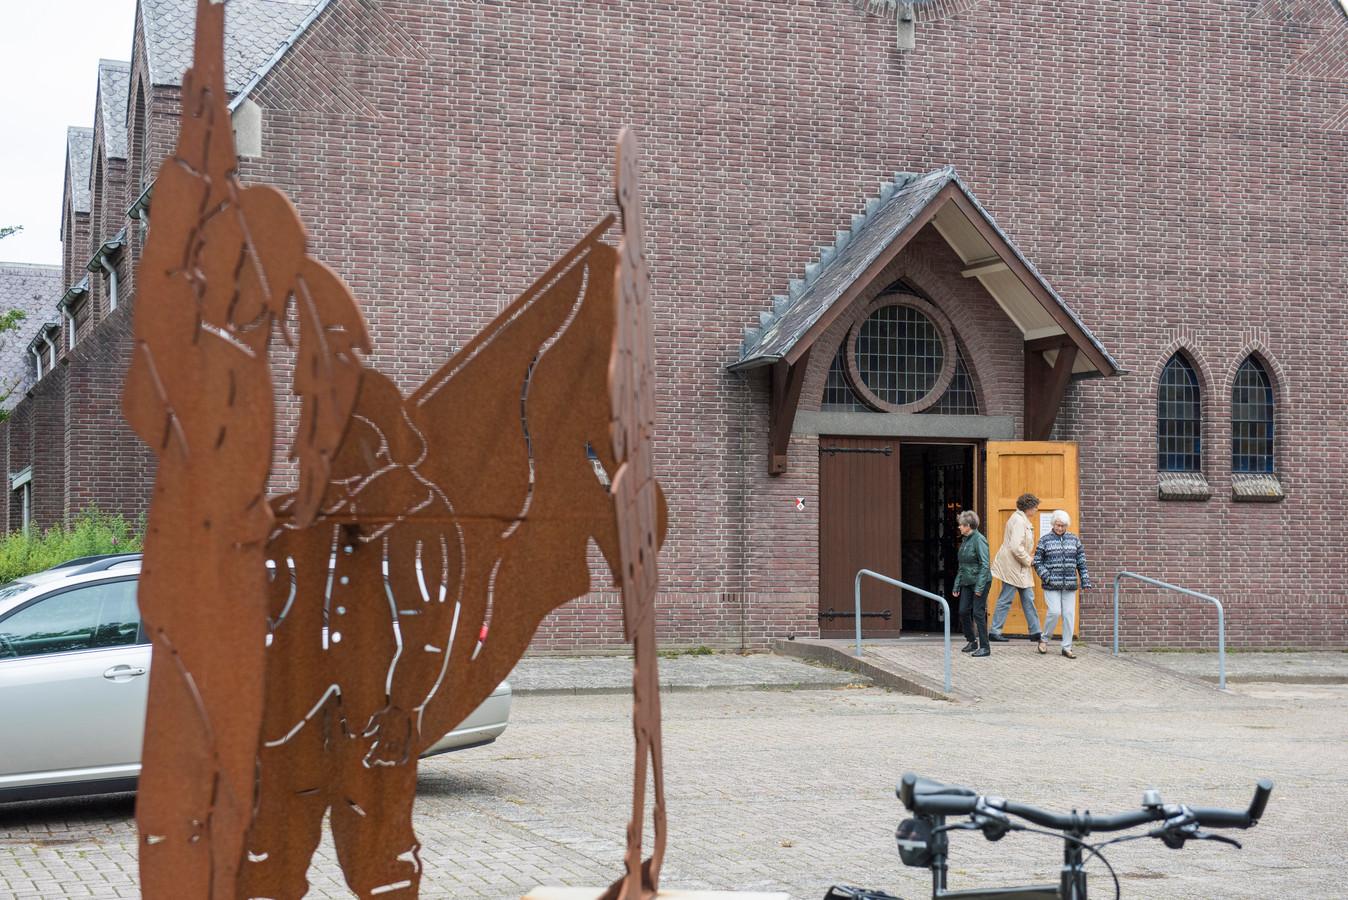 STEENSEL - Kerkgangers die uitgaan na de dienst in de Heilige Luciakerk. Zij hebben zojuist te horen gekregen dat de sluiting van hun kerk weer een stap dichterbij is. Het bisdom heeft groen licht gegeven voor een zoektocht naar een nieuwe functie voor dit godshuis.